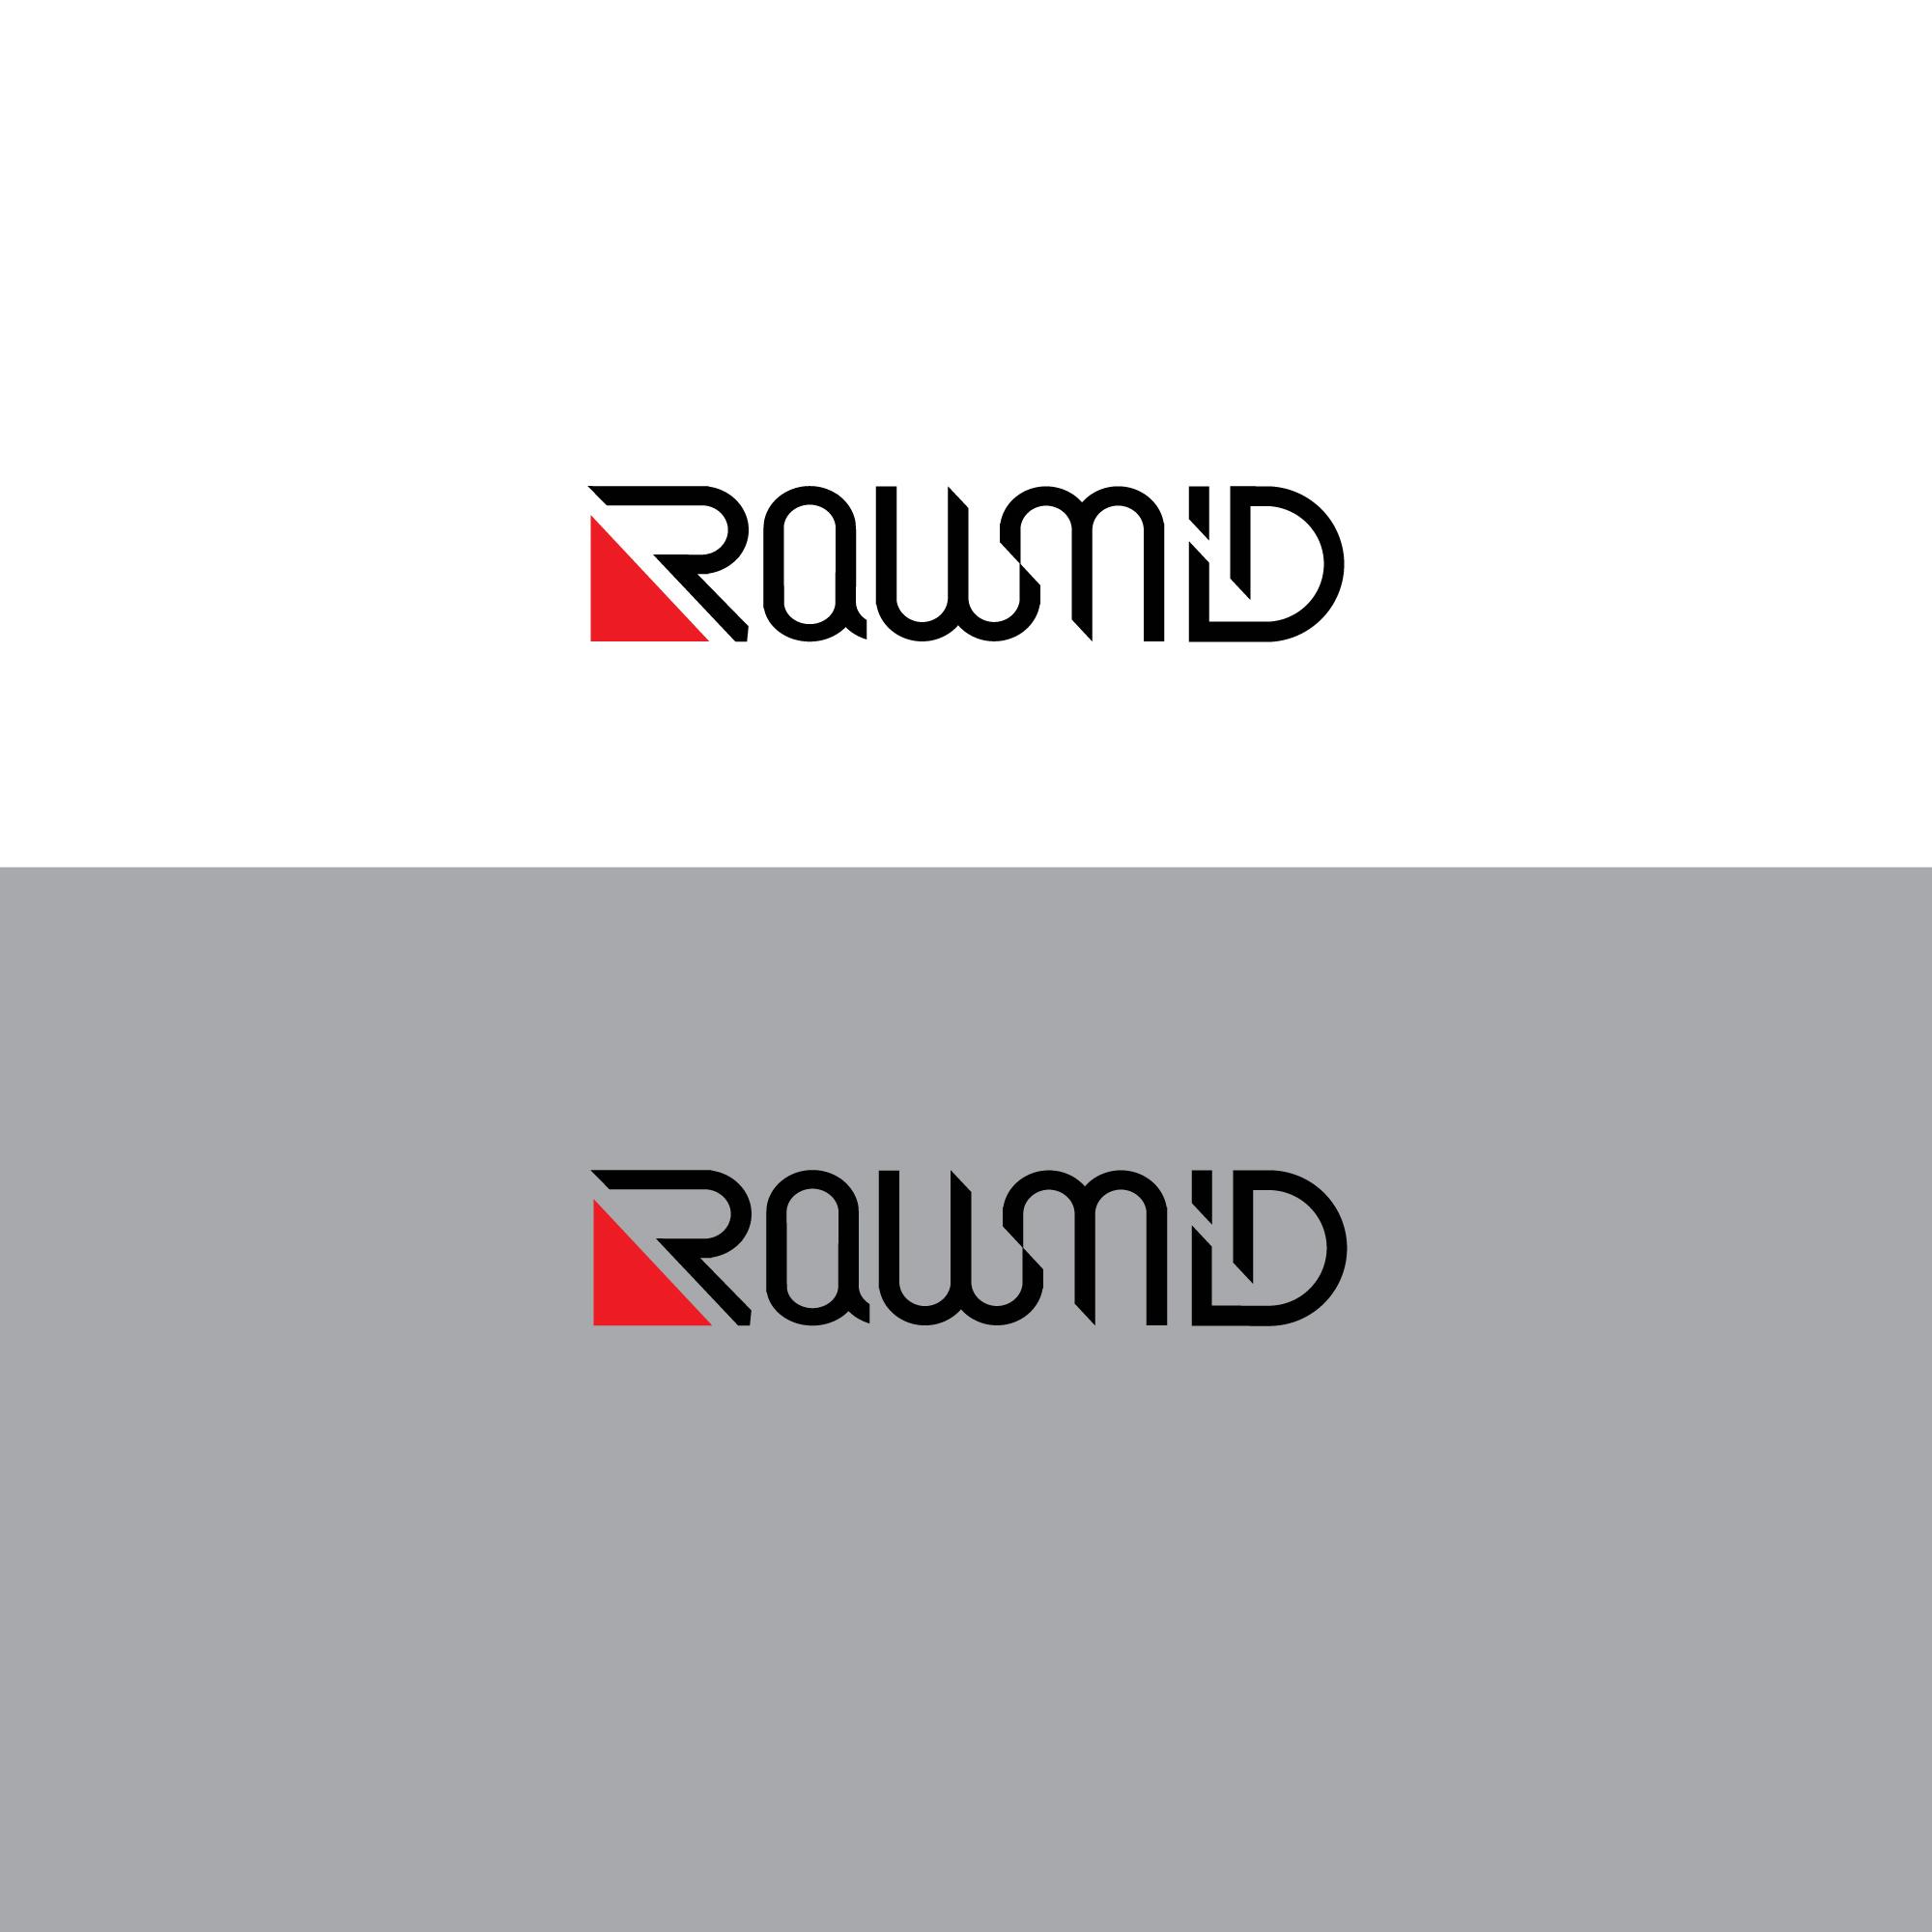 Создать логотип (буквенная часть) для бренда бытовой техники фото f_9065b49cc0d7719c.jpg